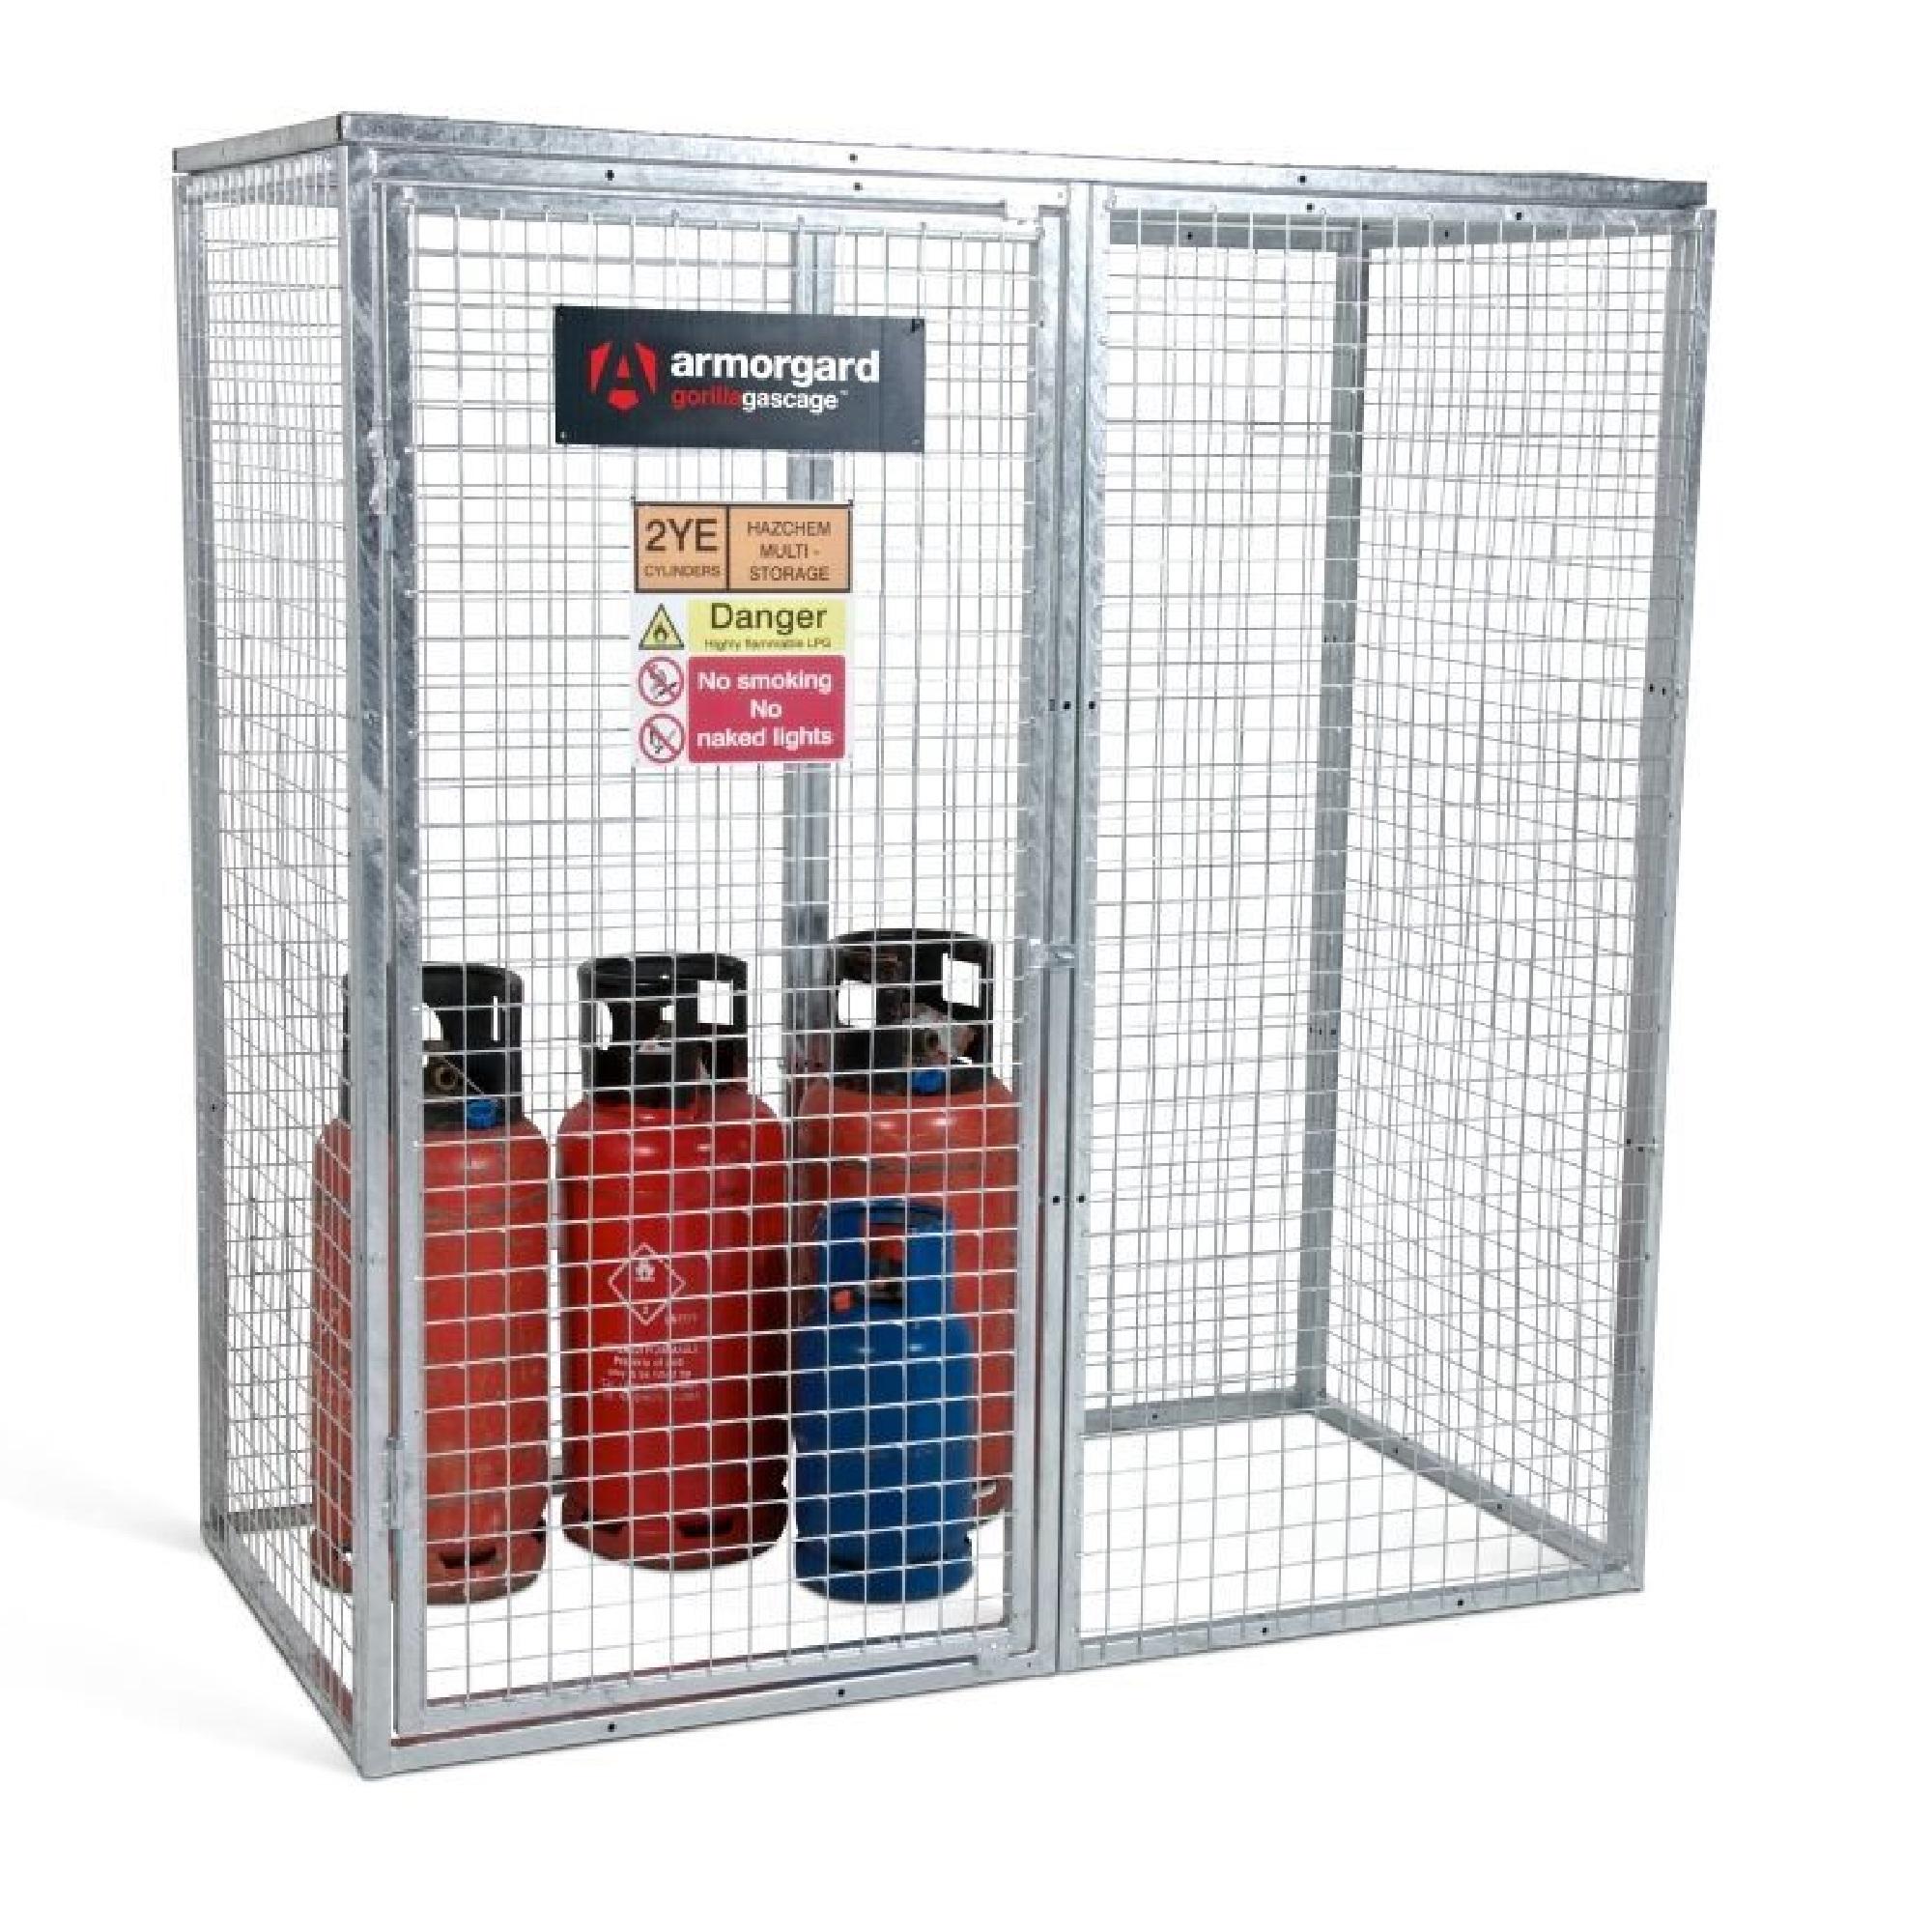 Armorgard Gorilla Gas Bottle Cage GGC7